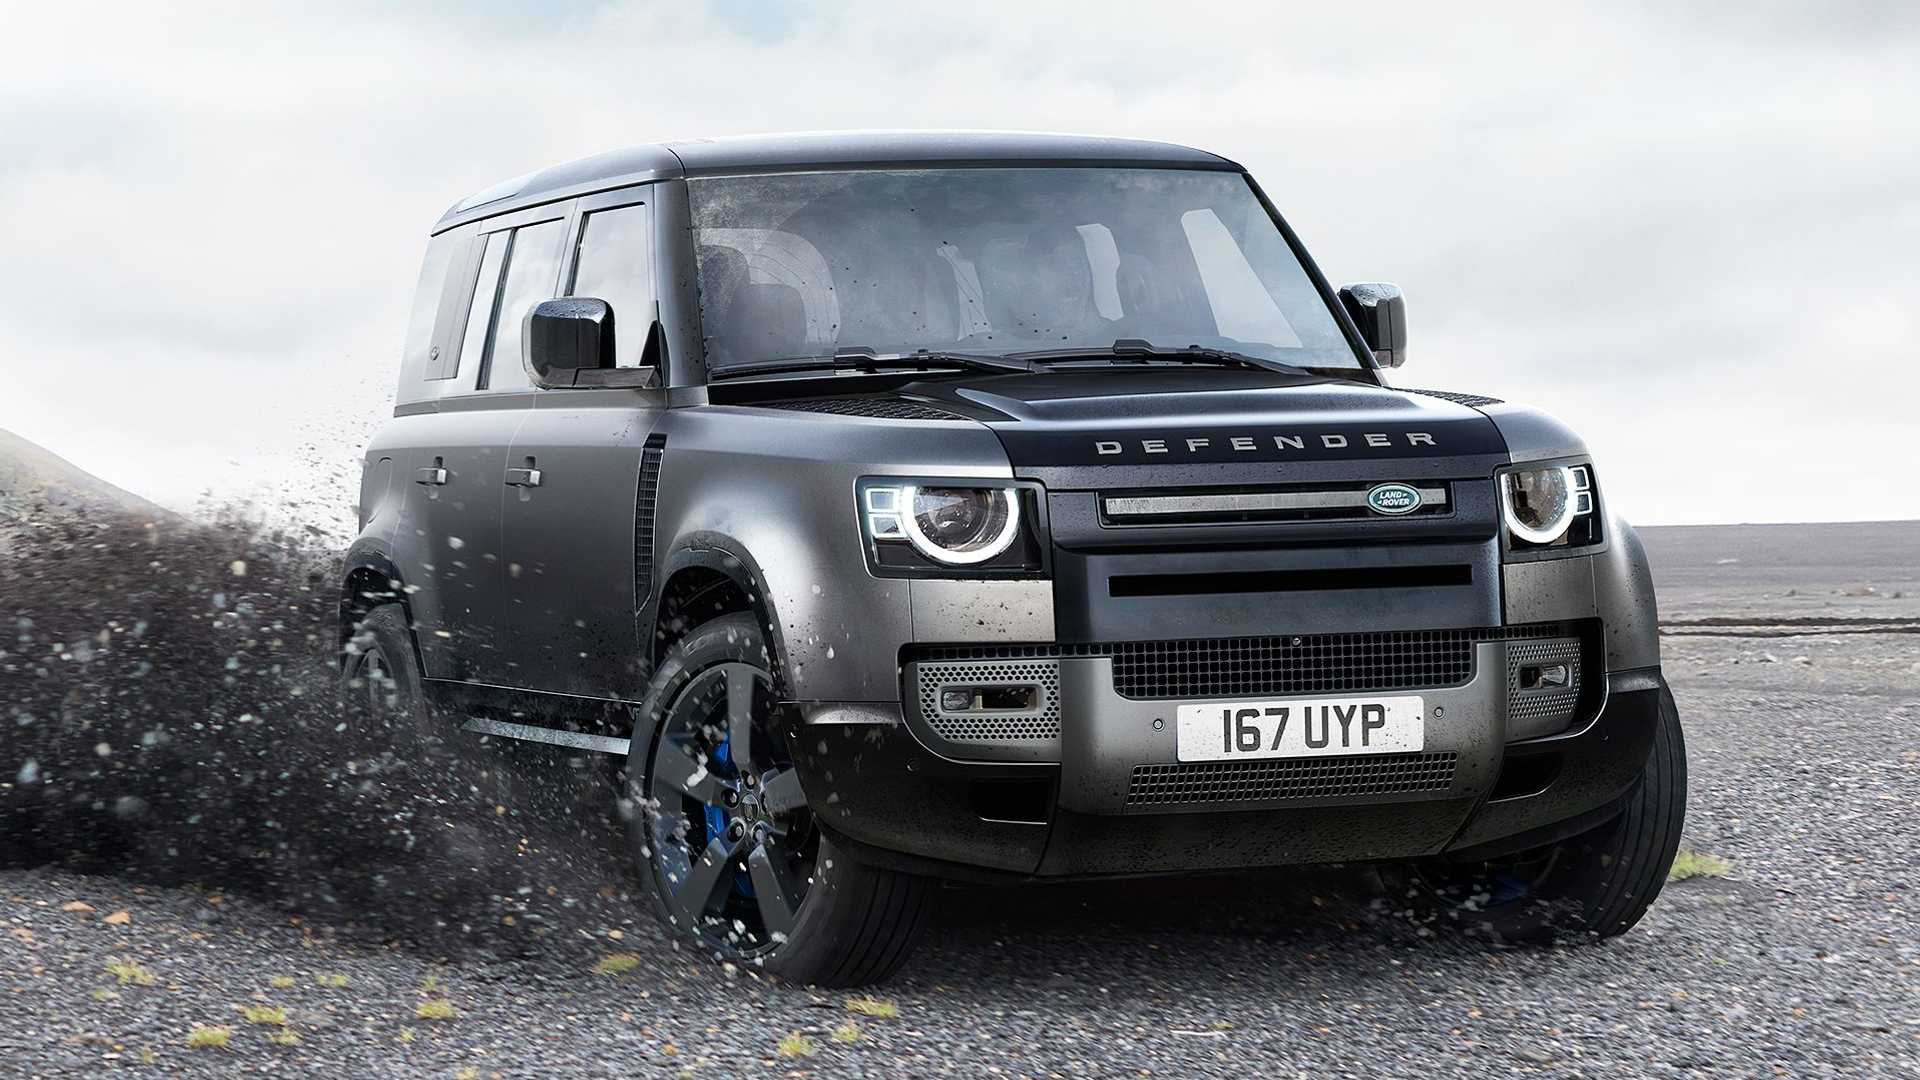 Подтверждено, что трехрядный Land Rover Defender 130 поступит в продажу через 18 месяцев